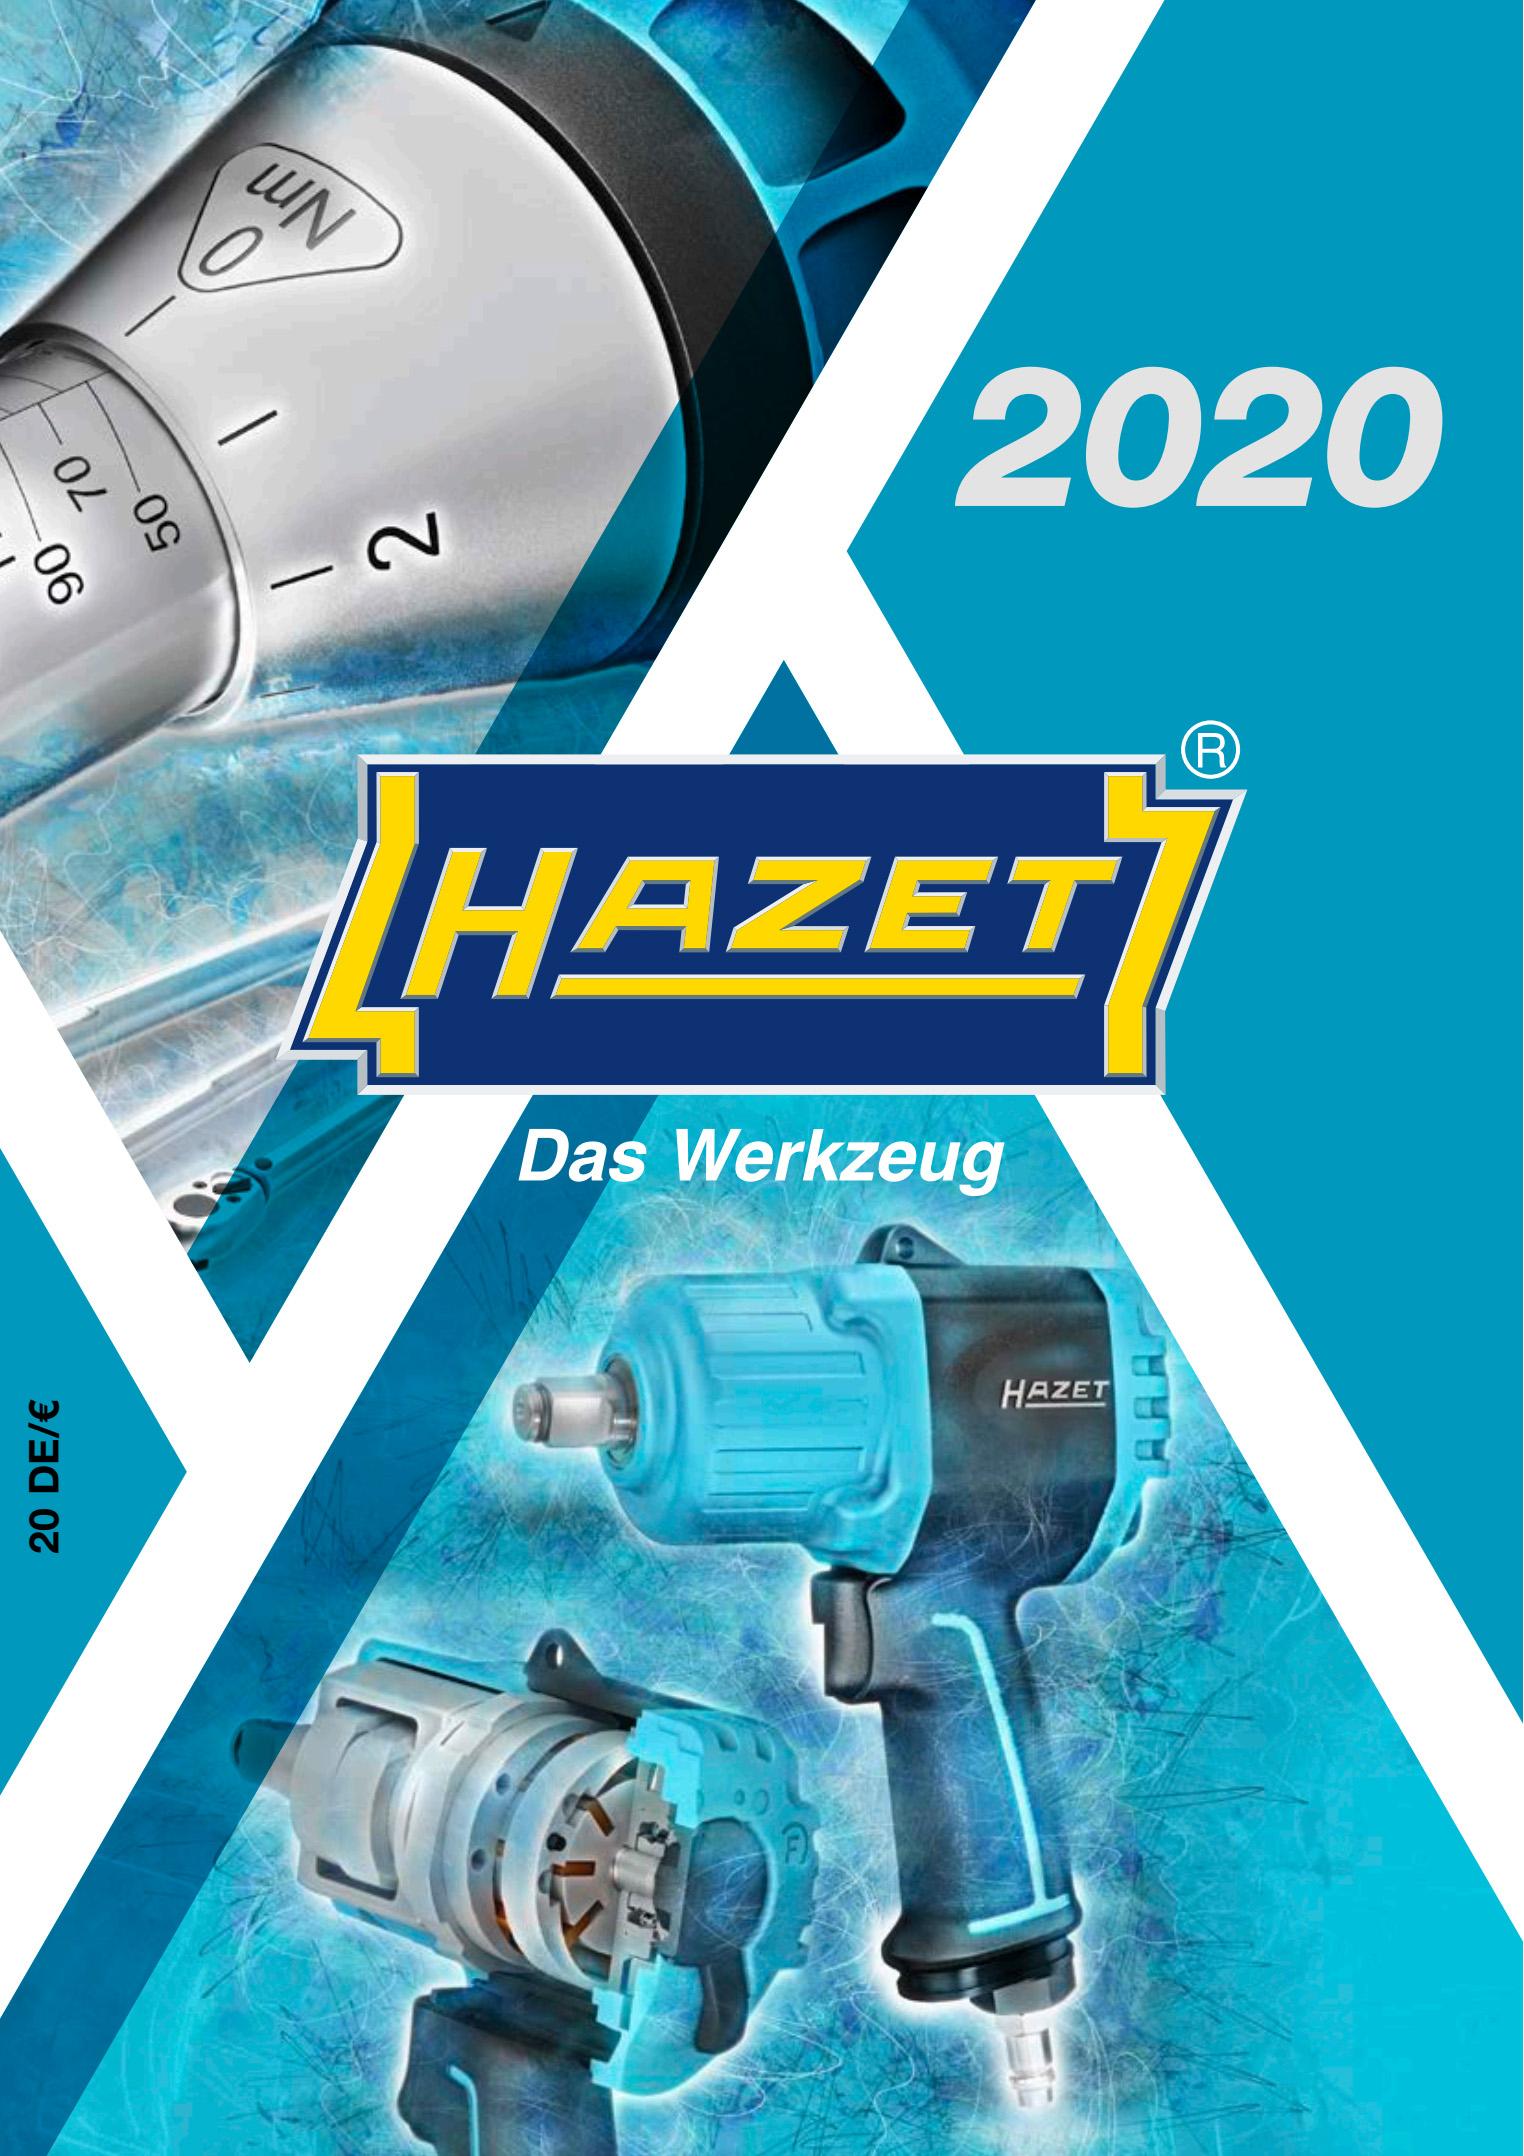 hz-2020.jpg